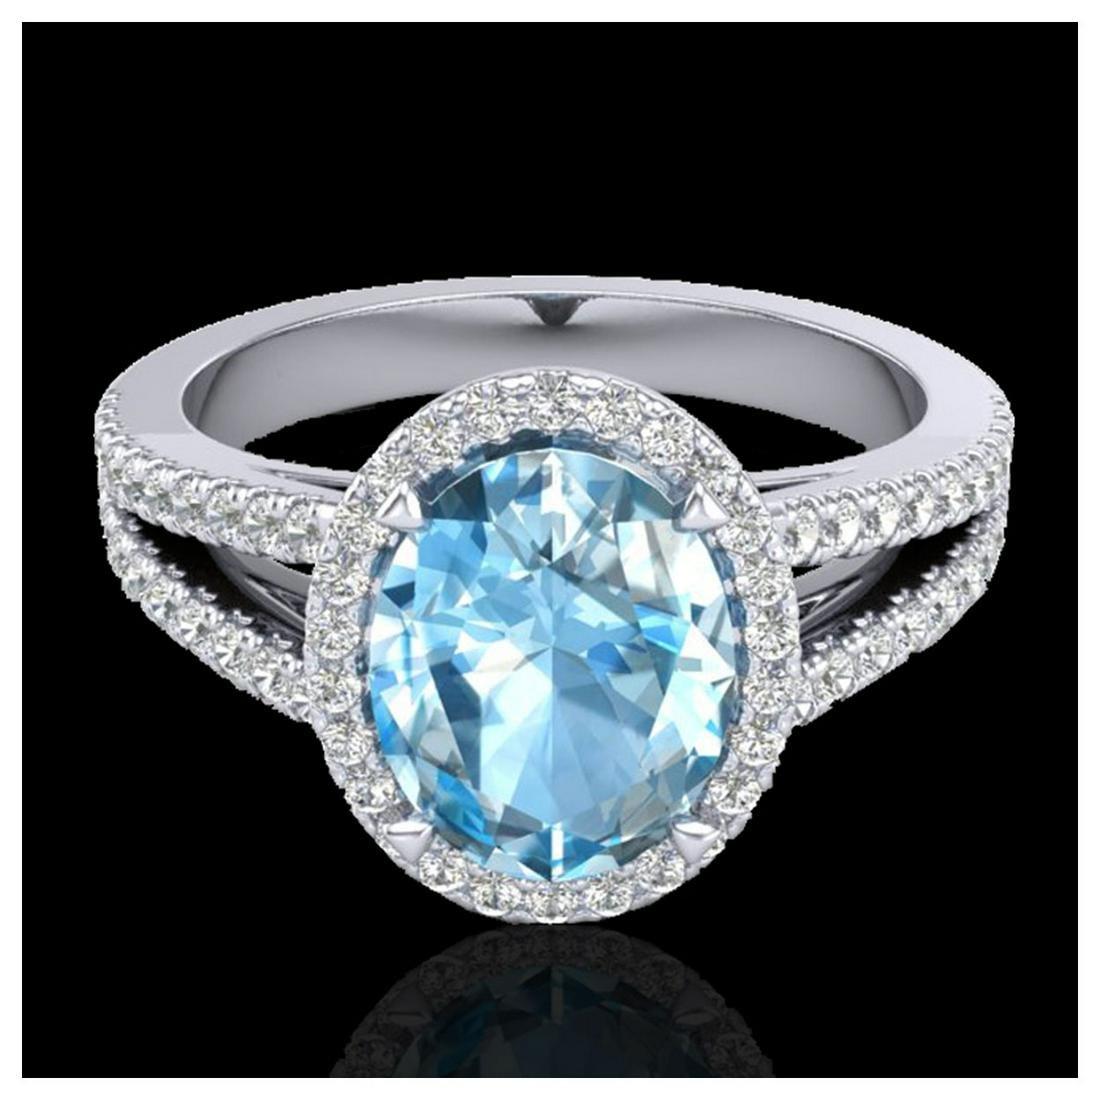 3 Sky Blue Topaz & VS/SI Diamond Halo Ring 18K White